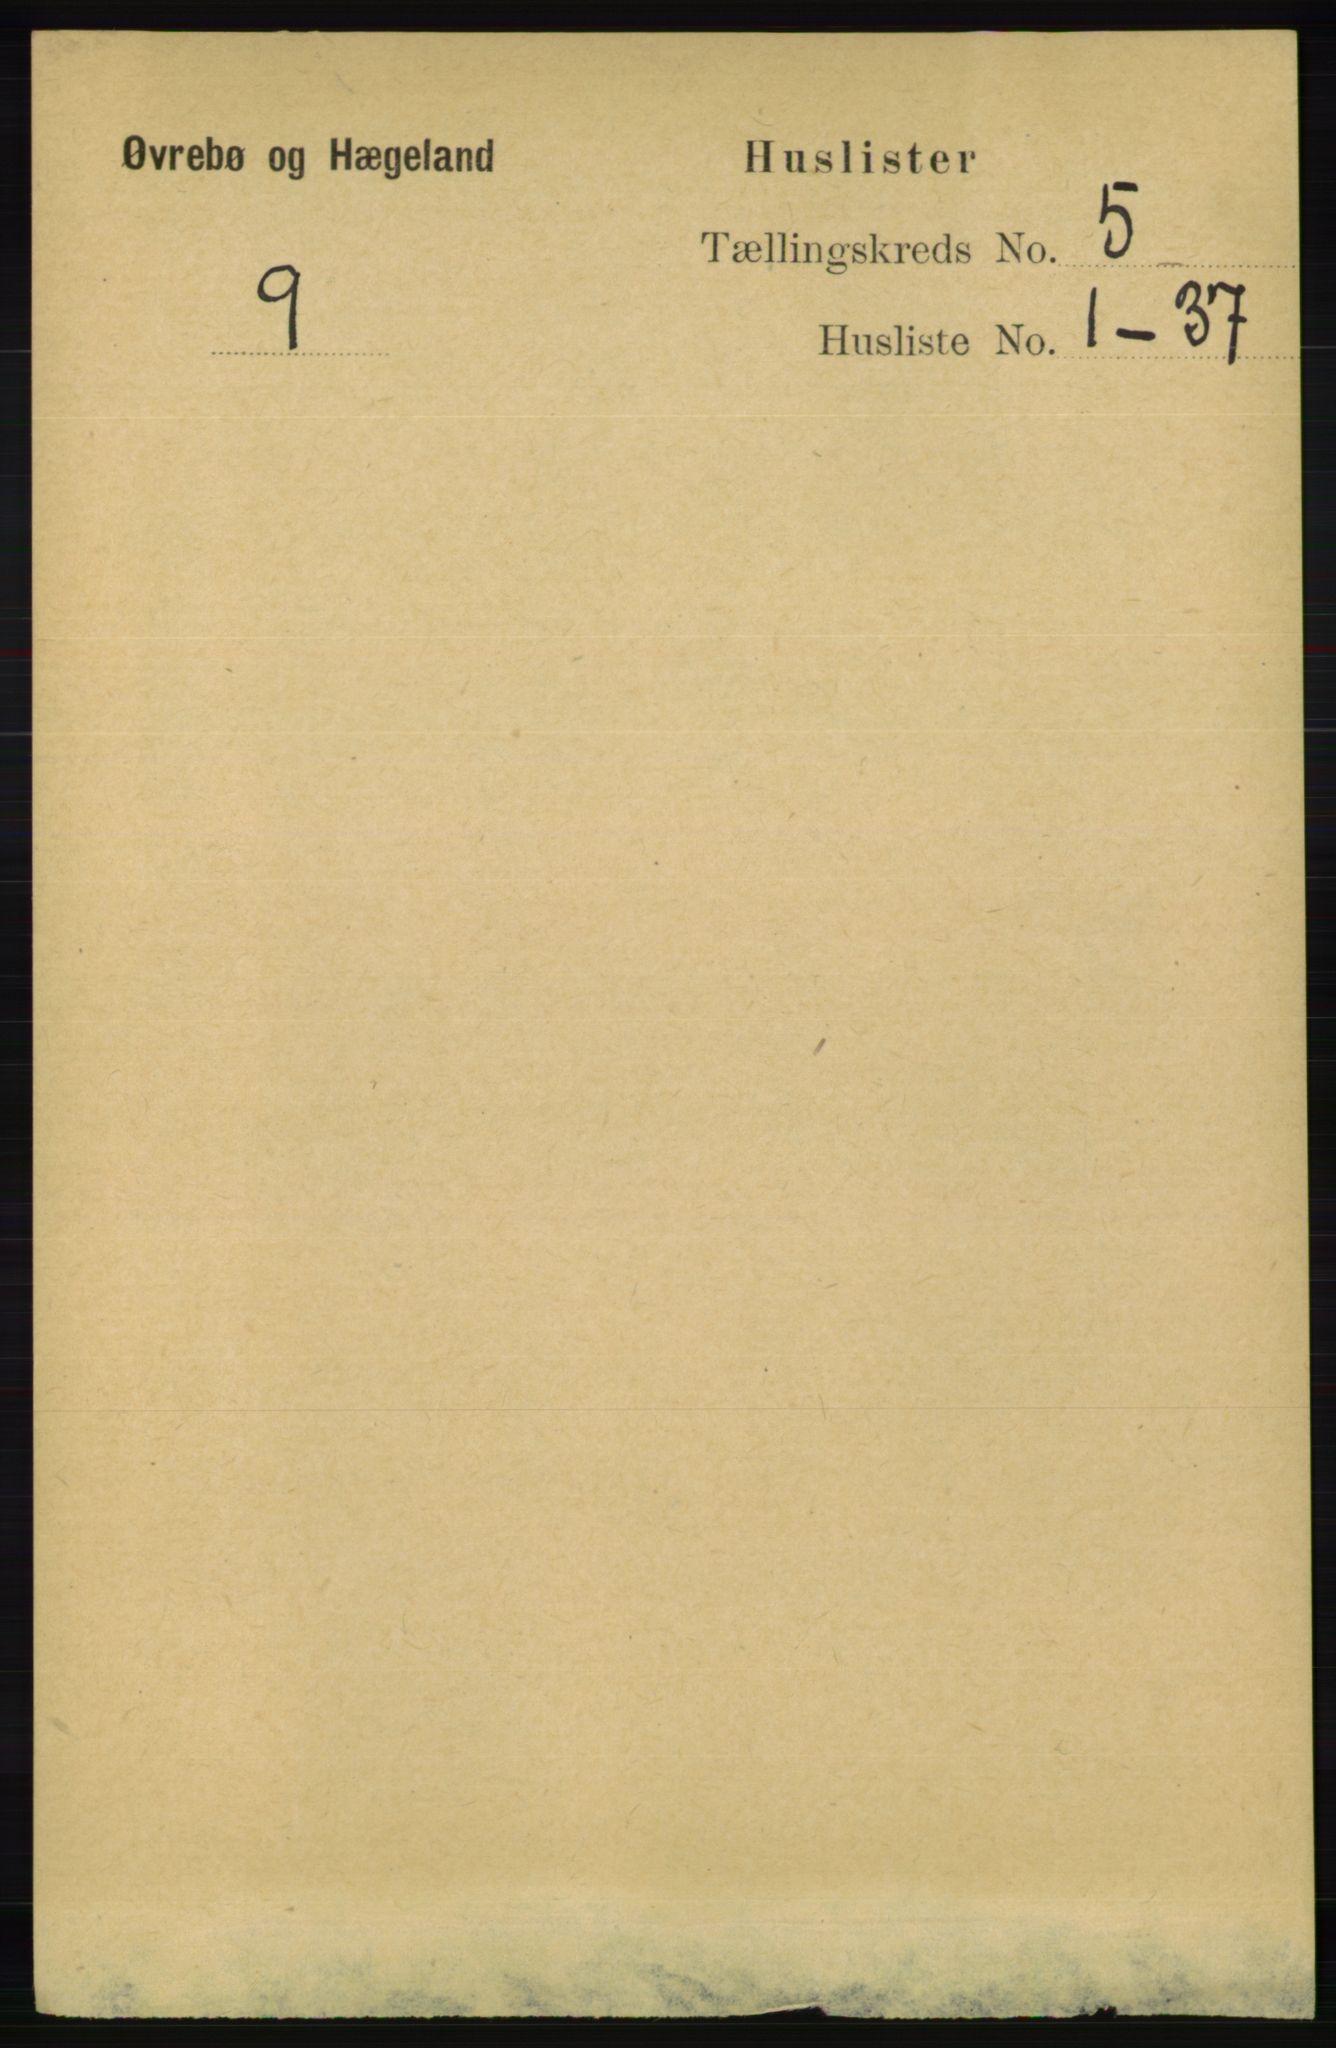 RA, Folketelling 1891 for 1016 Øvrebø og Hægeland herred, 1891, s. 902